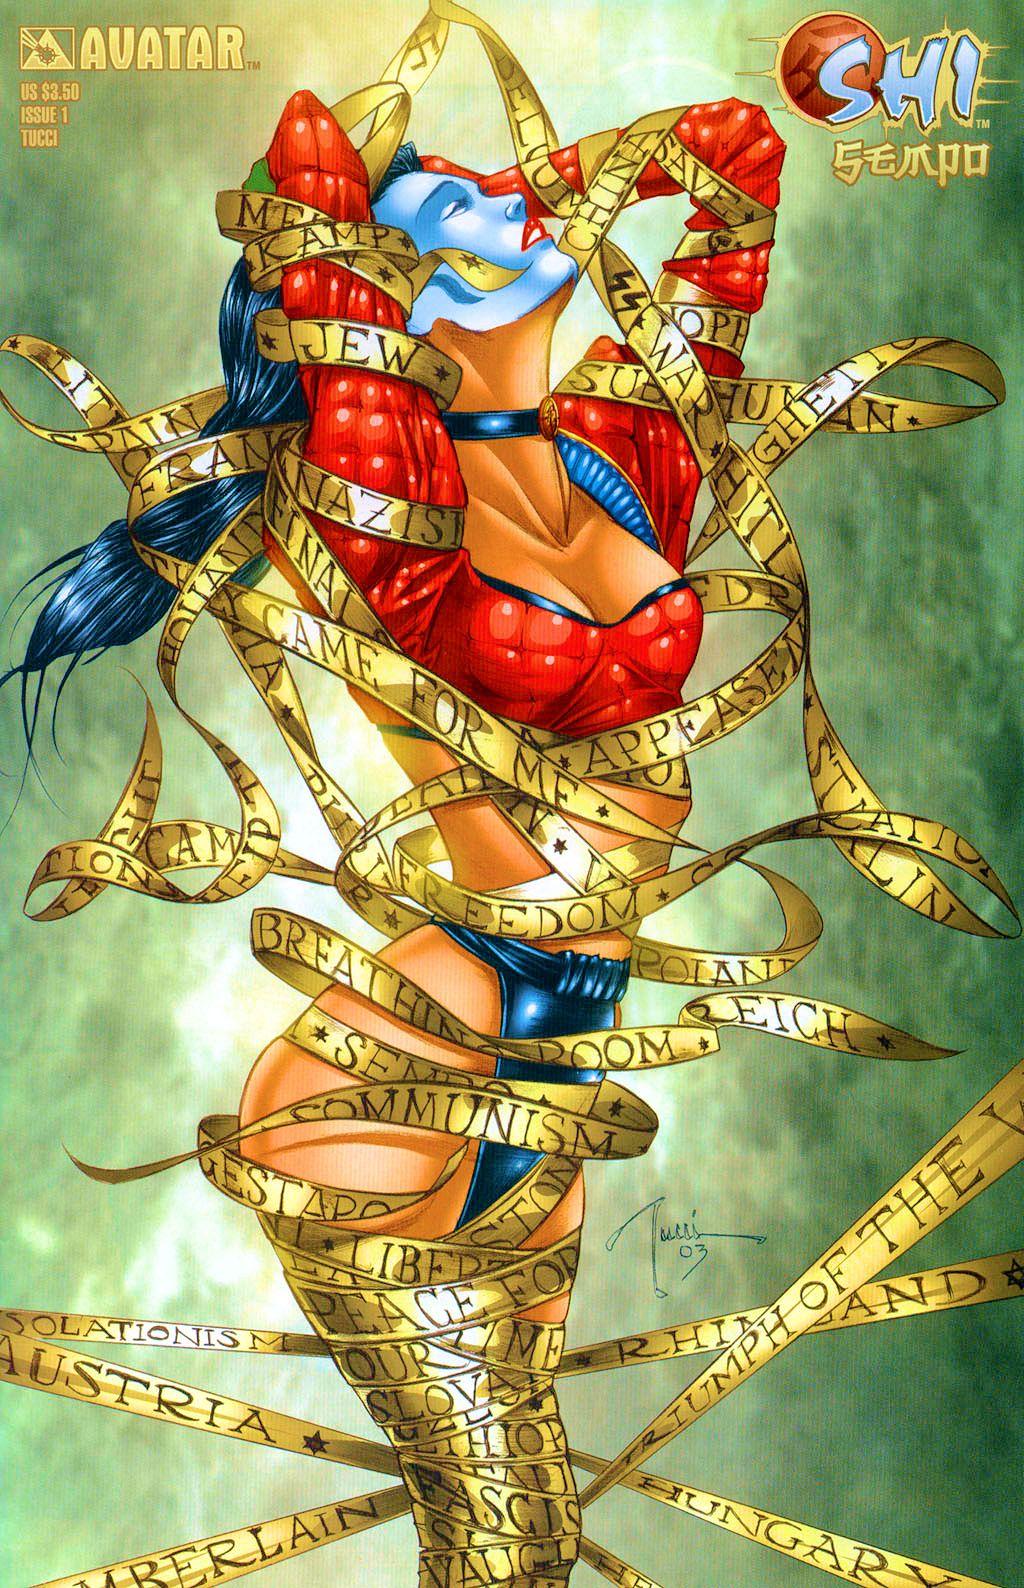 Read online Shi: Sempo comic -  Issue #1 - 1